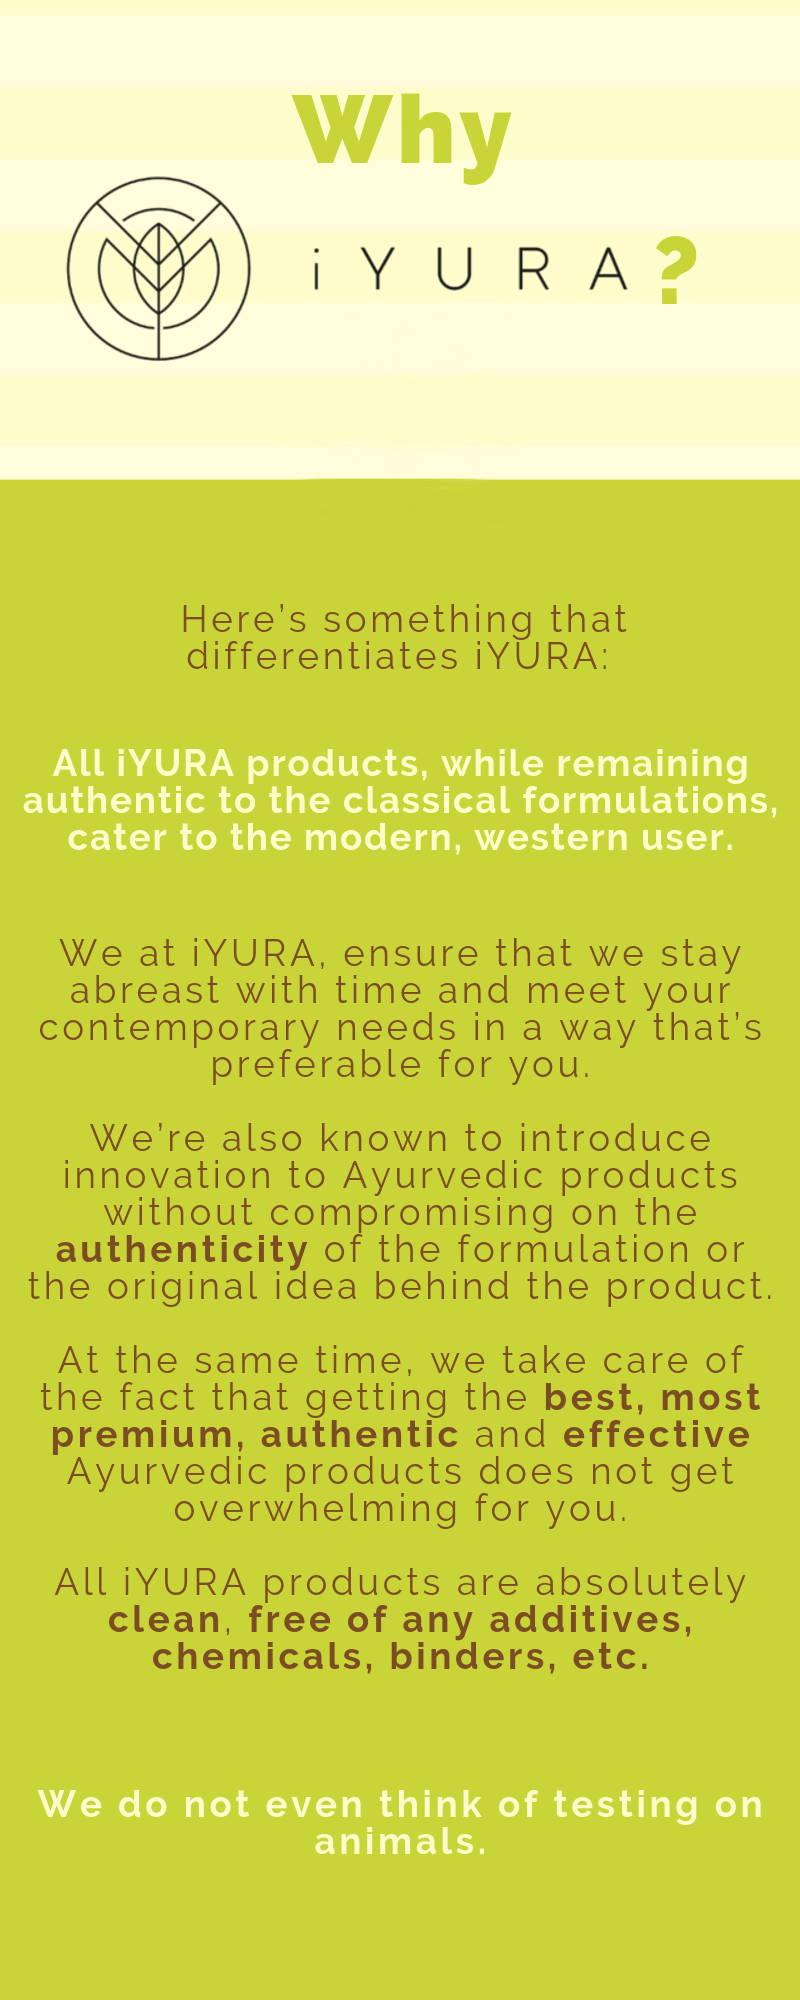 Why iYURA?